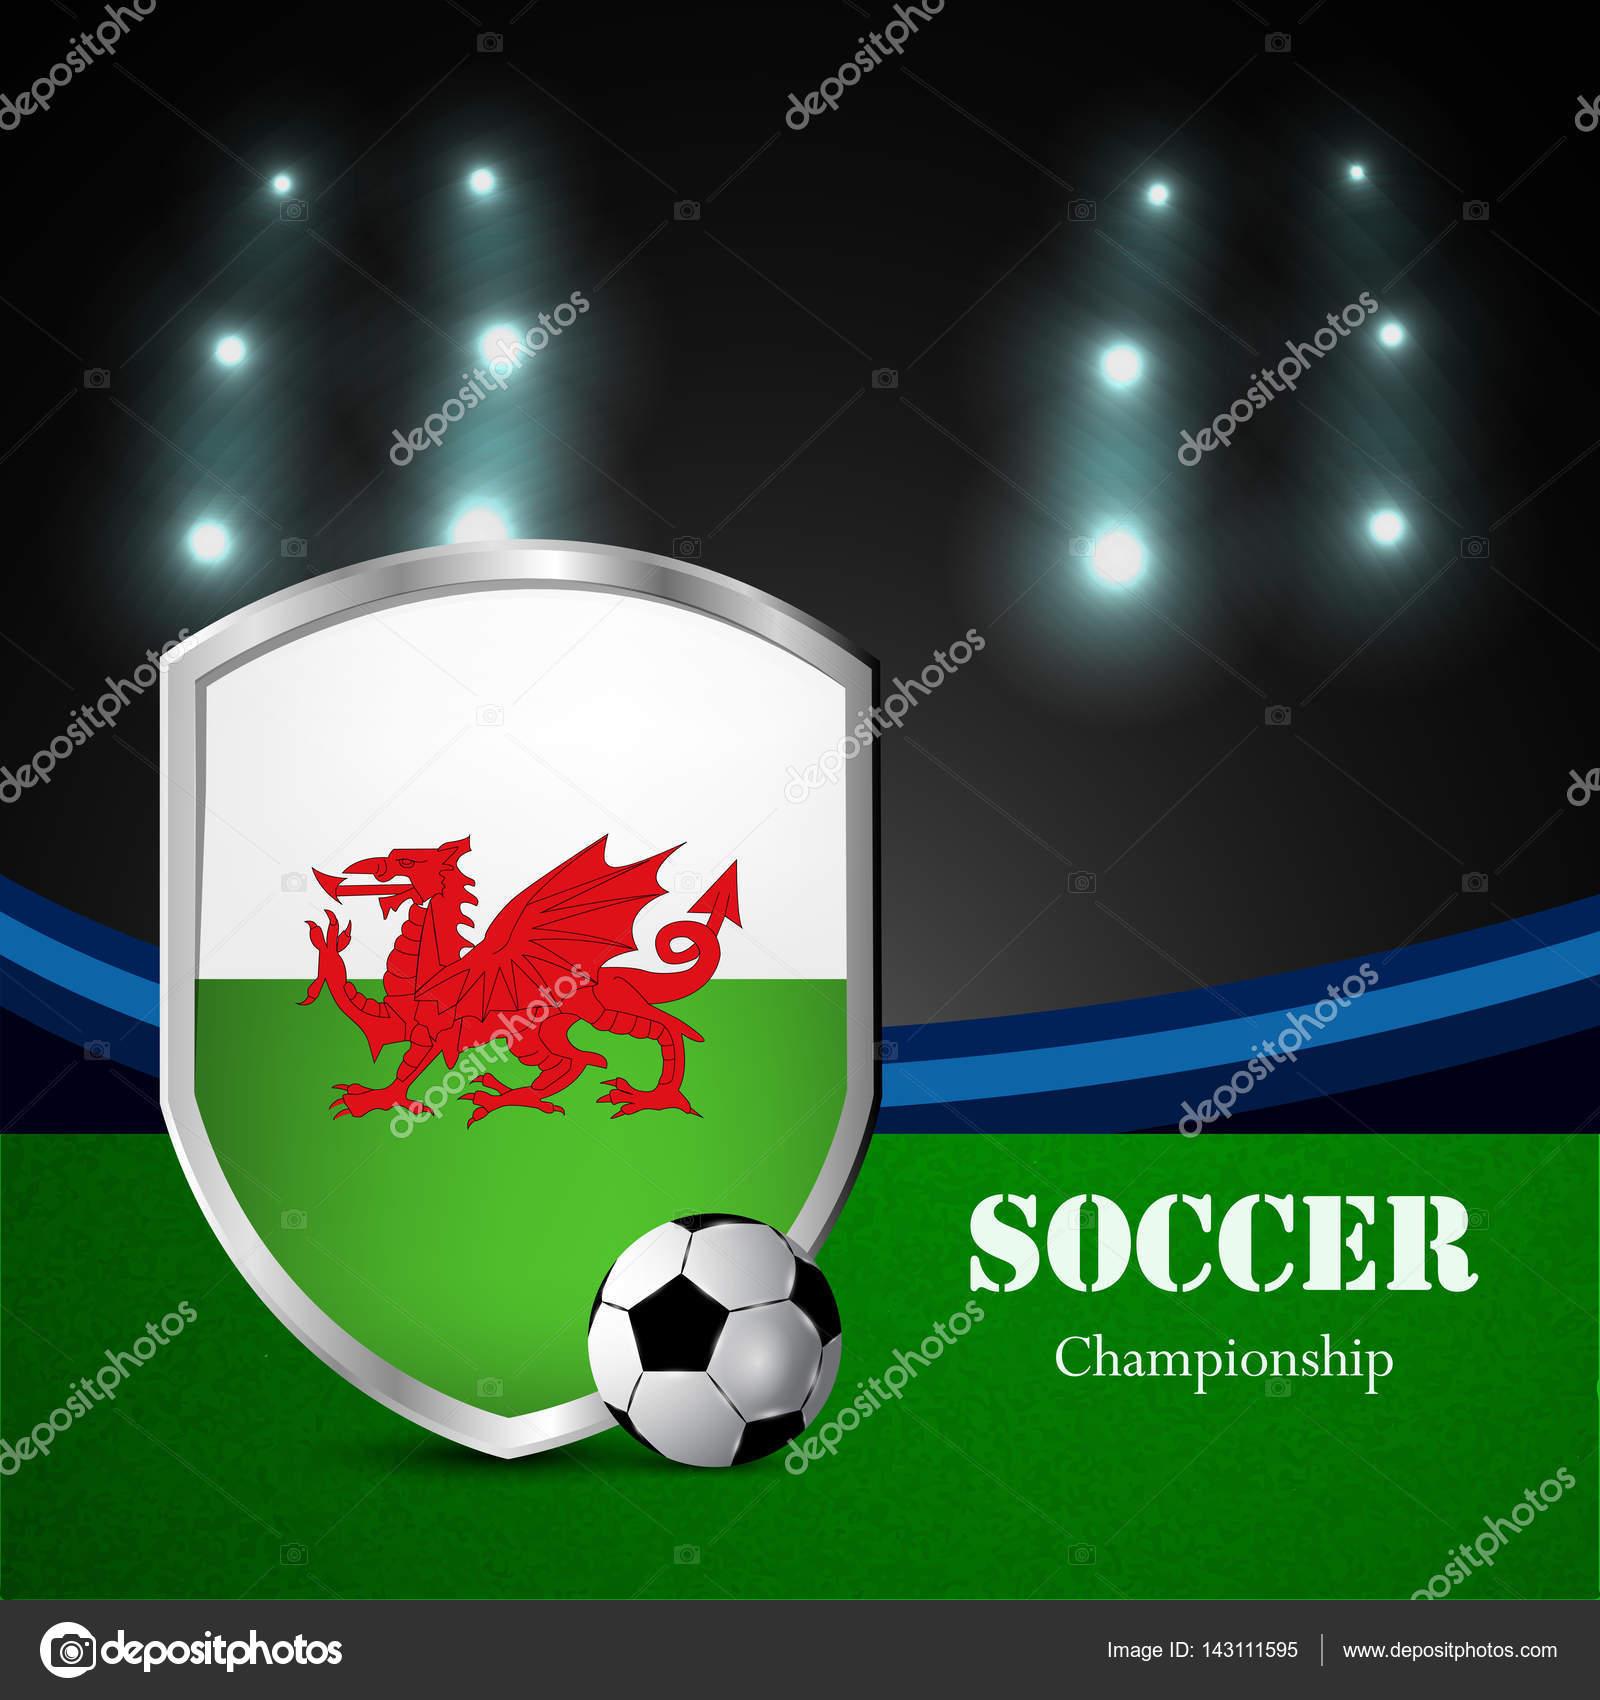 Ilustración Bandera Gales Participando Torneo Fútbol — Archivo ...